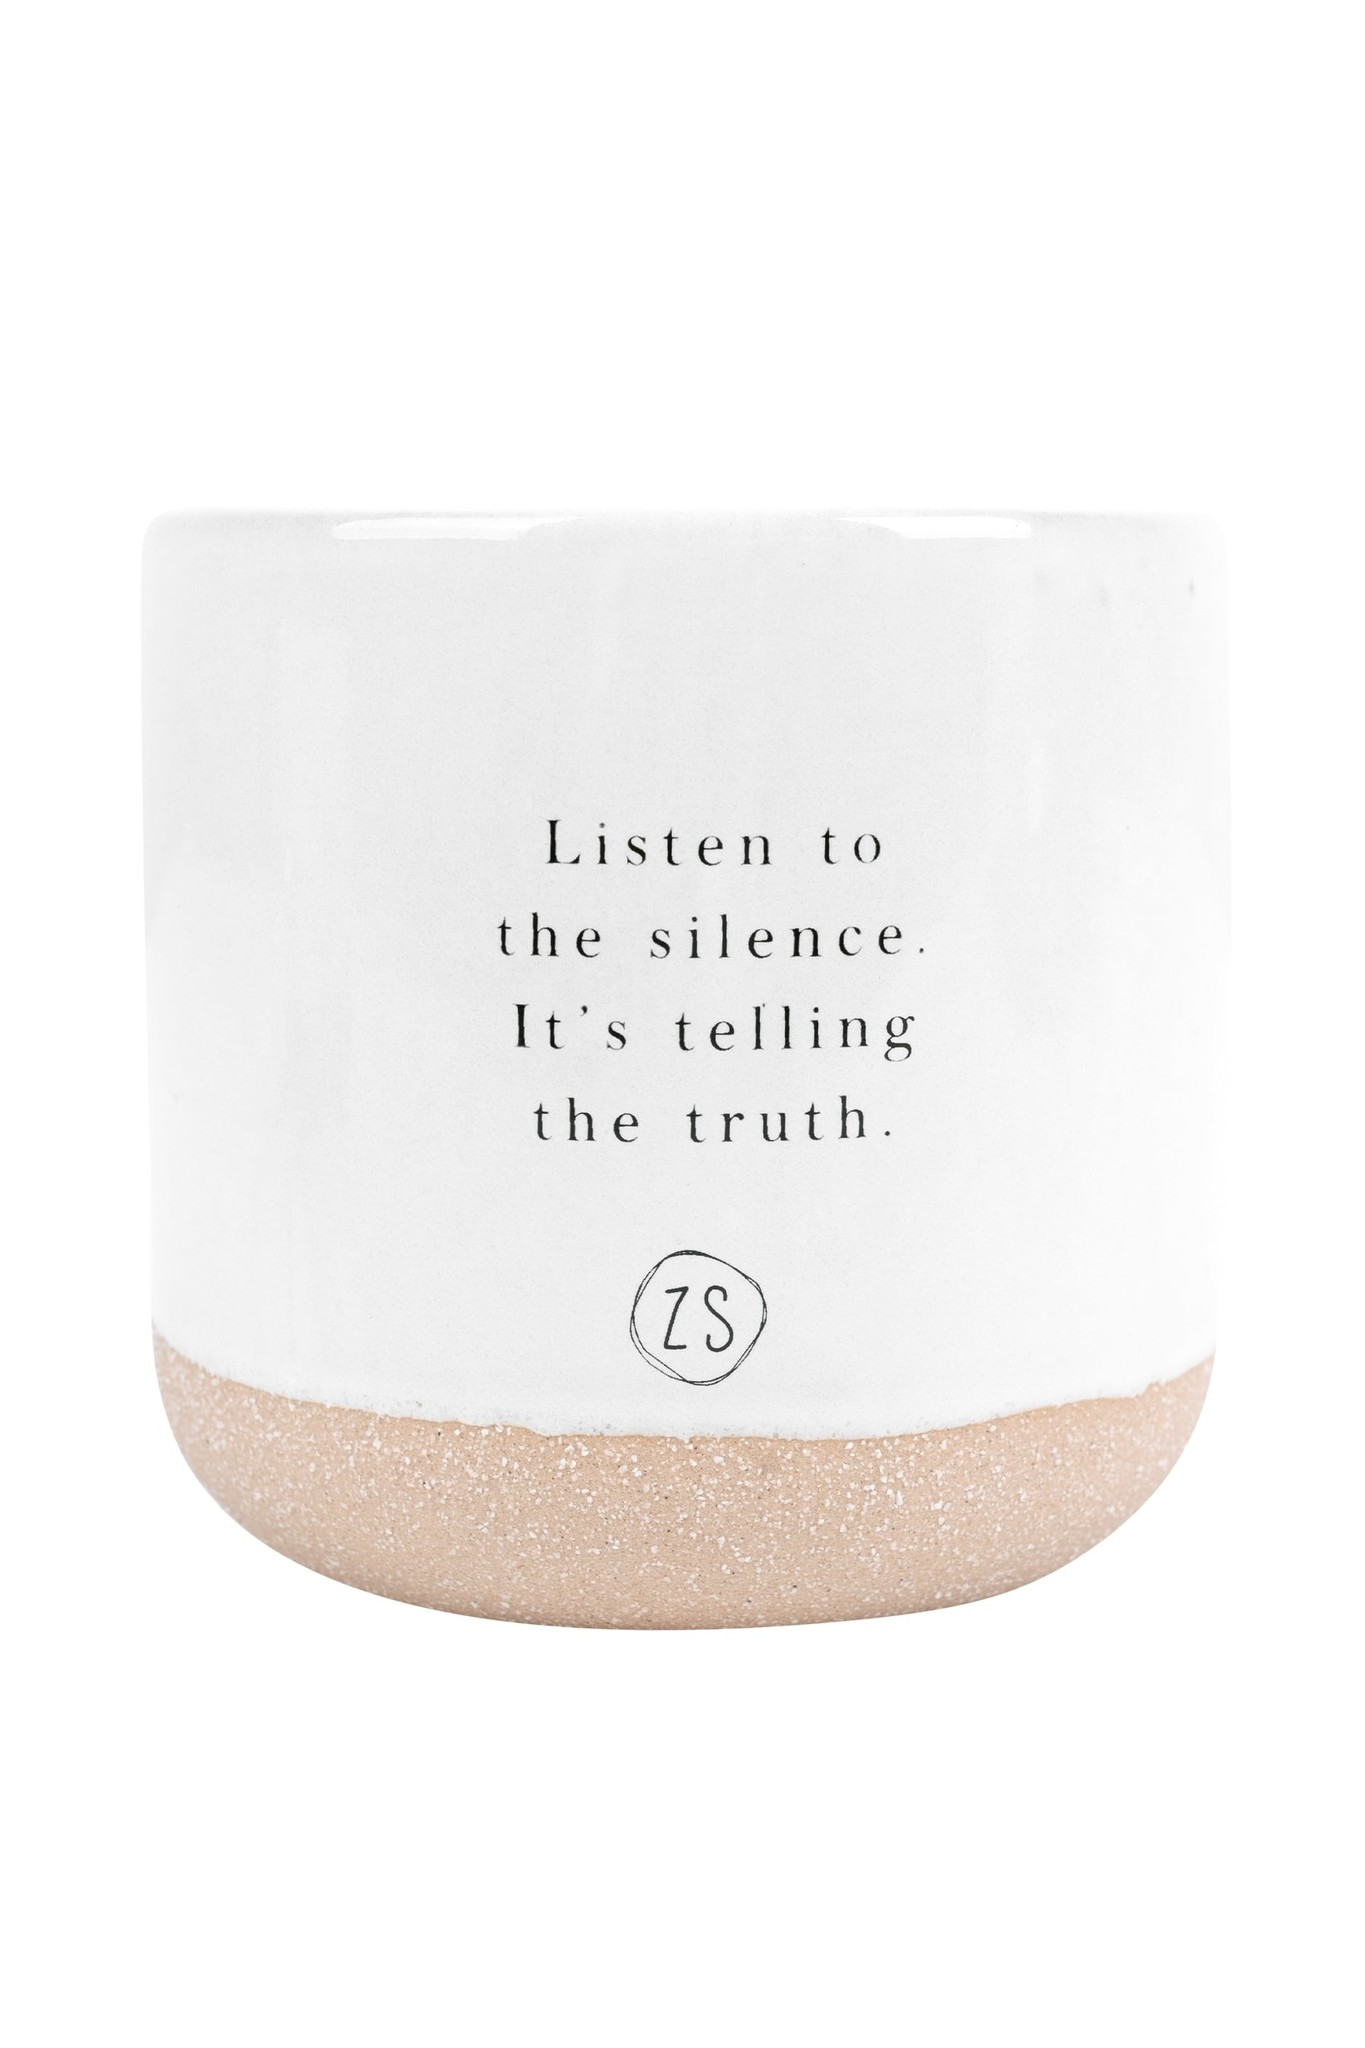 Zusss geurkaars keramiek - listen to the silence